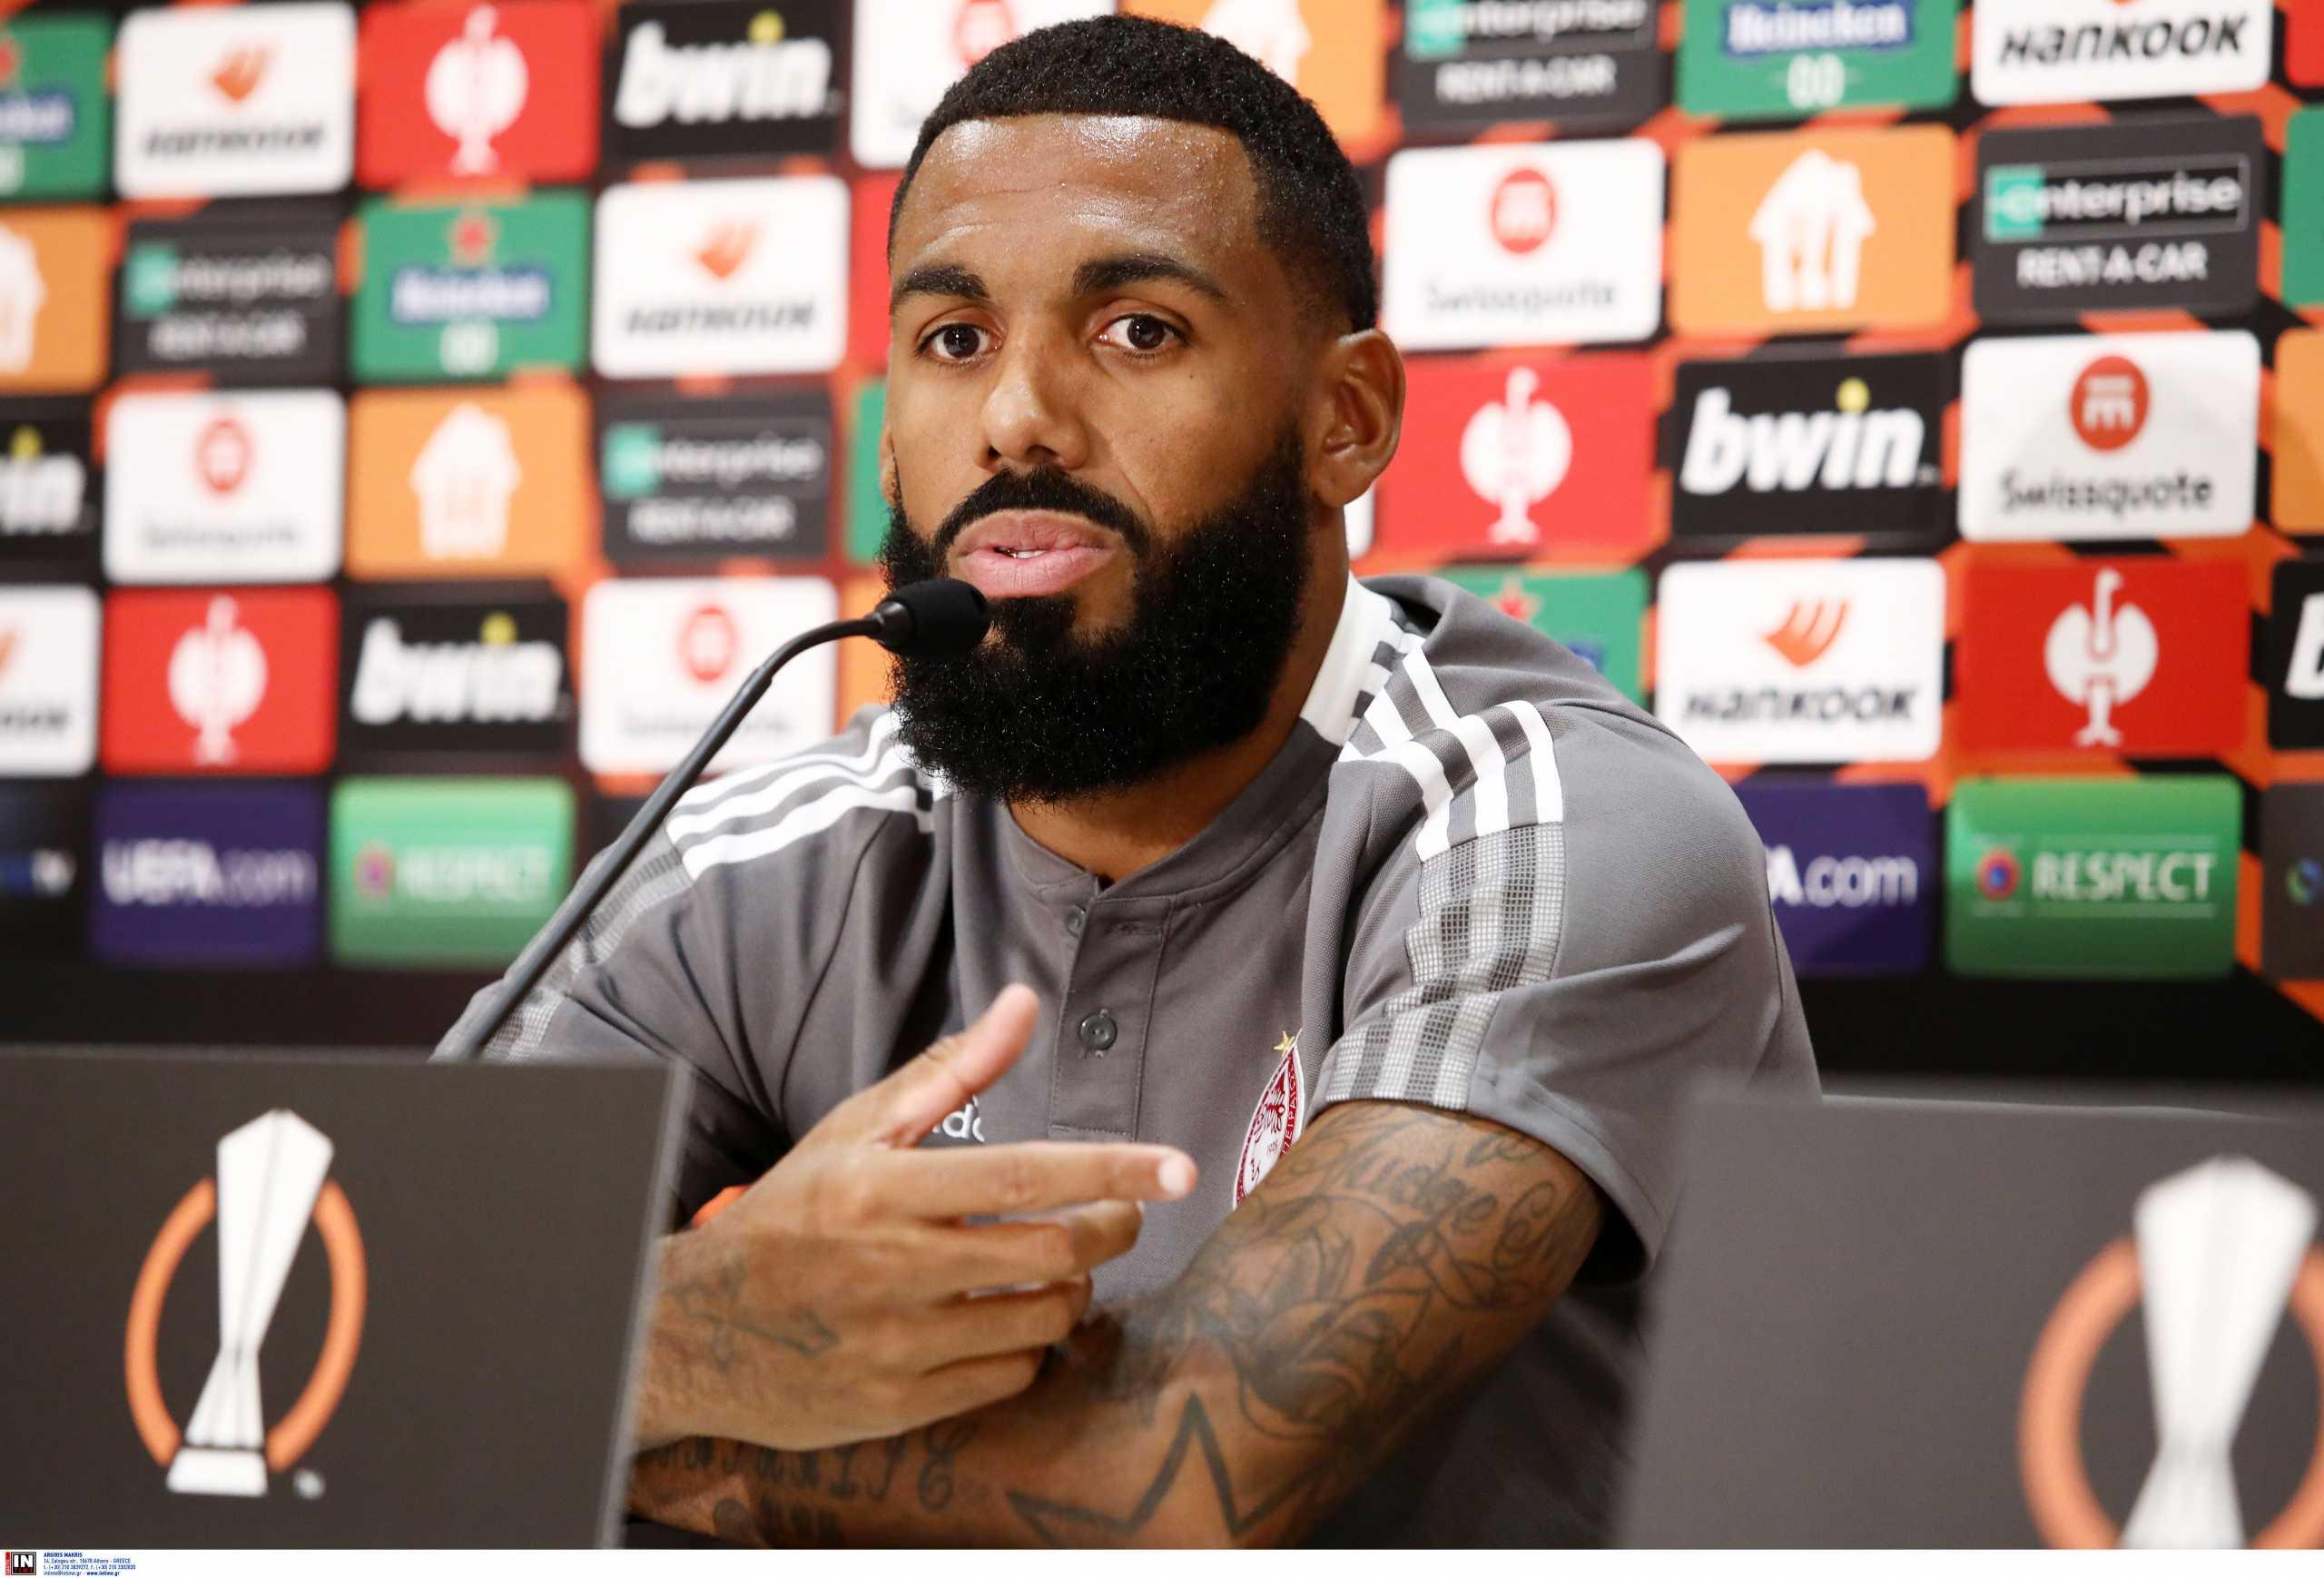 Ολυμπιακός – Αντβέρπ: Το ξεκάθαρο μήνυμα του Εμβιλά για την ερυθρόλευκη πρεμιέρα στο Europa League